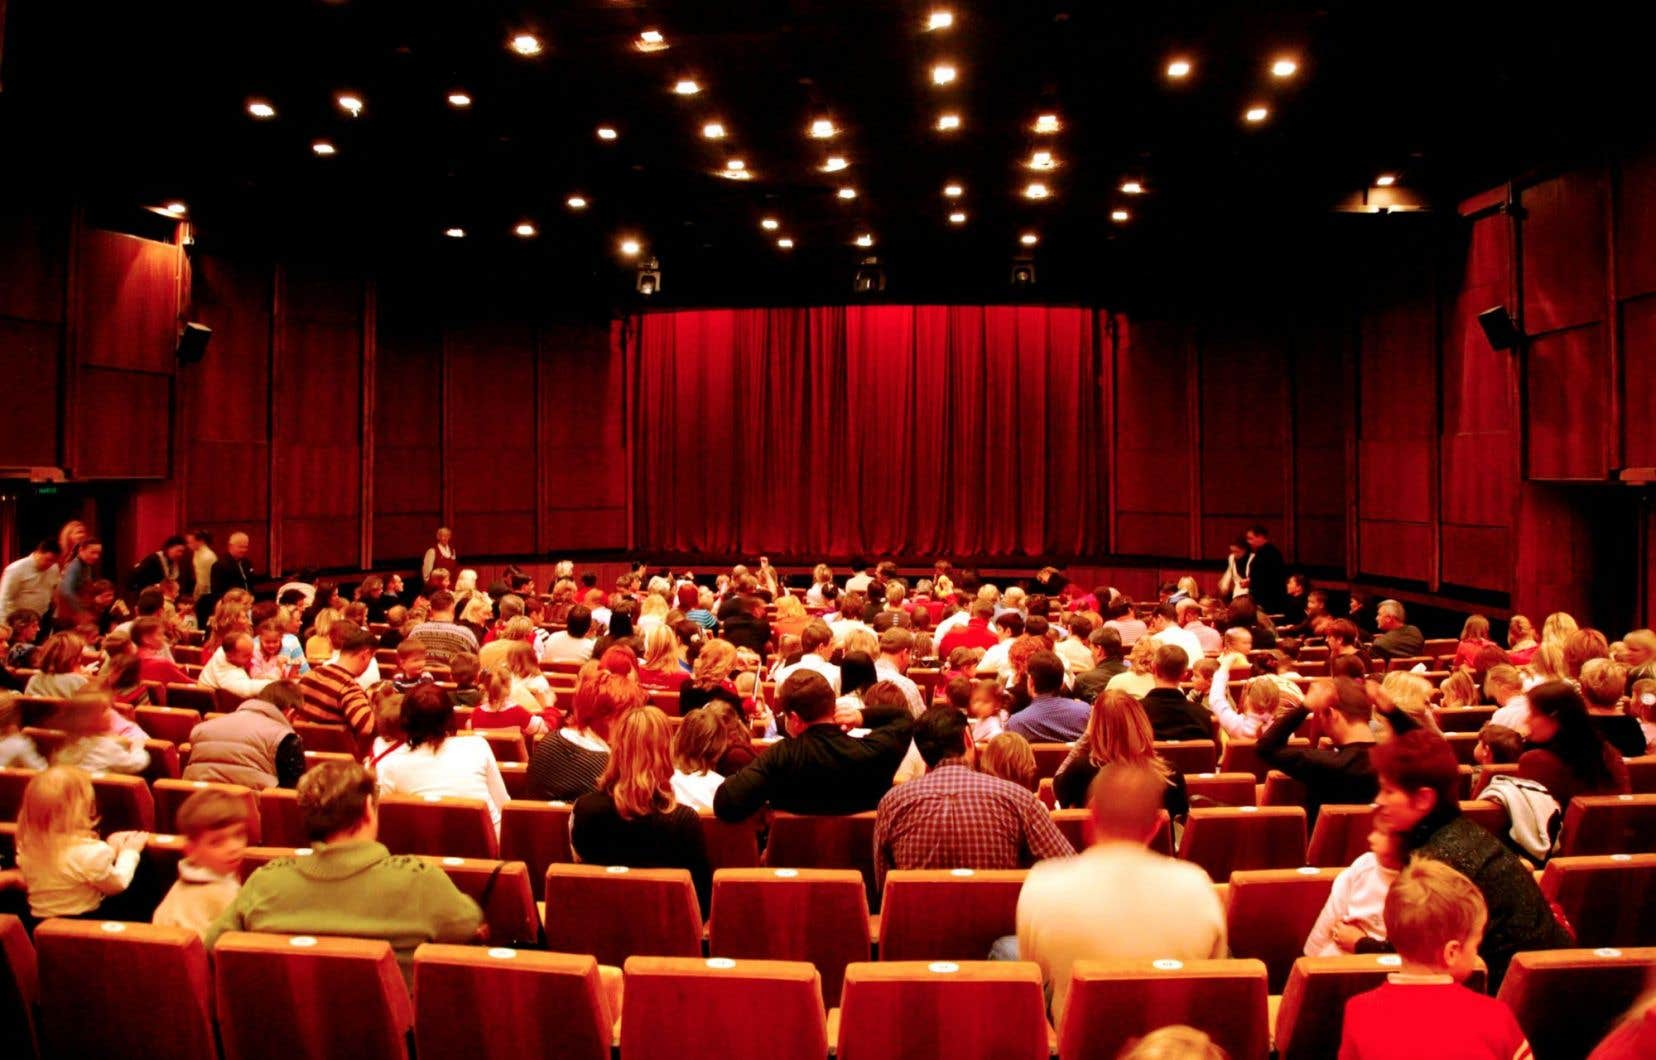 Hollywood domine le jeu sur grands écrans chez nous comme ailleurs.